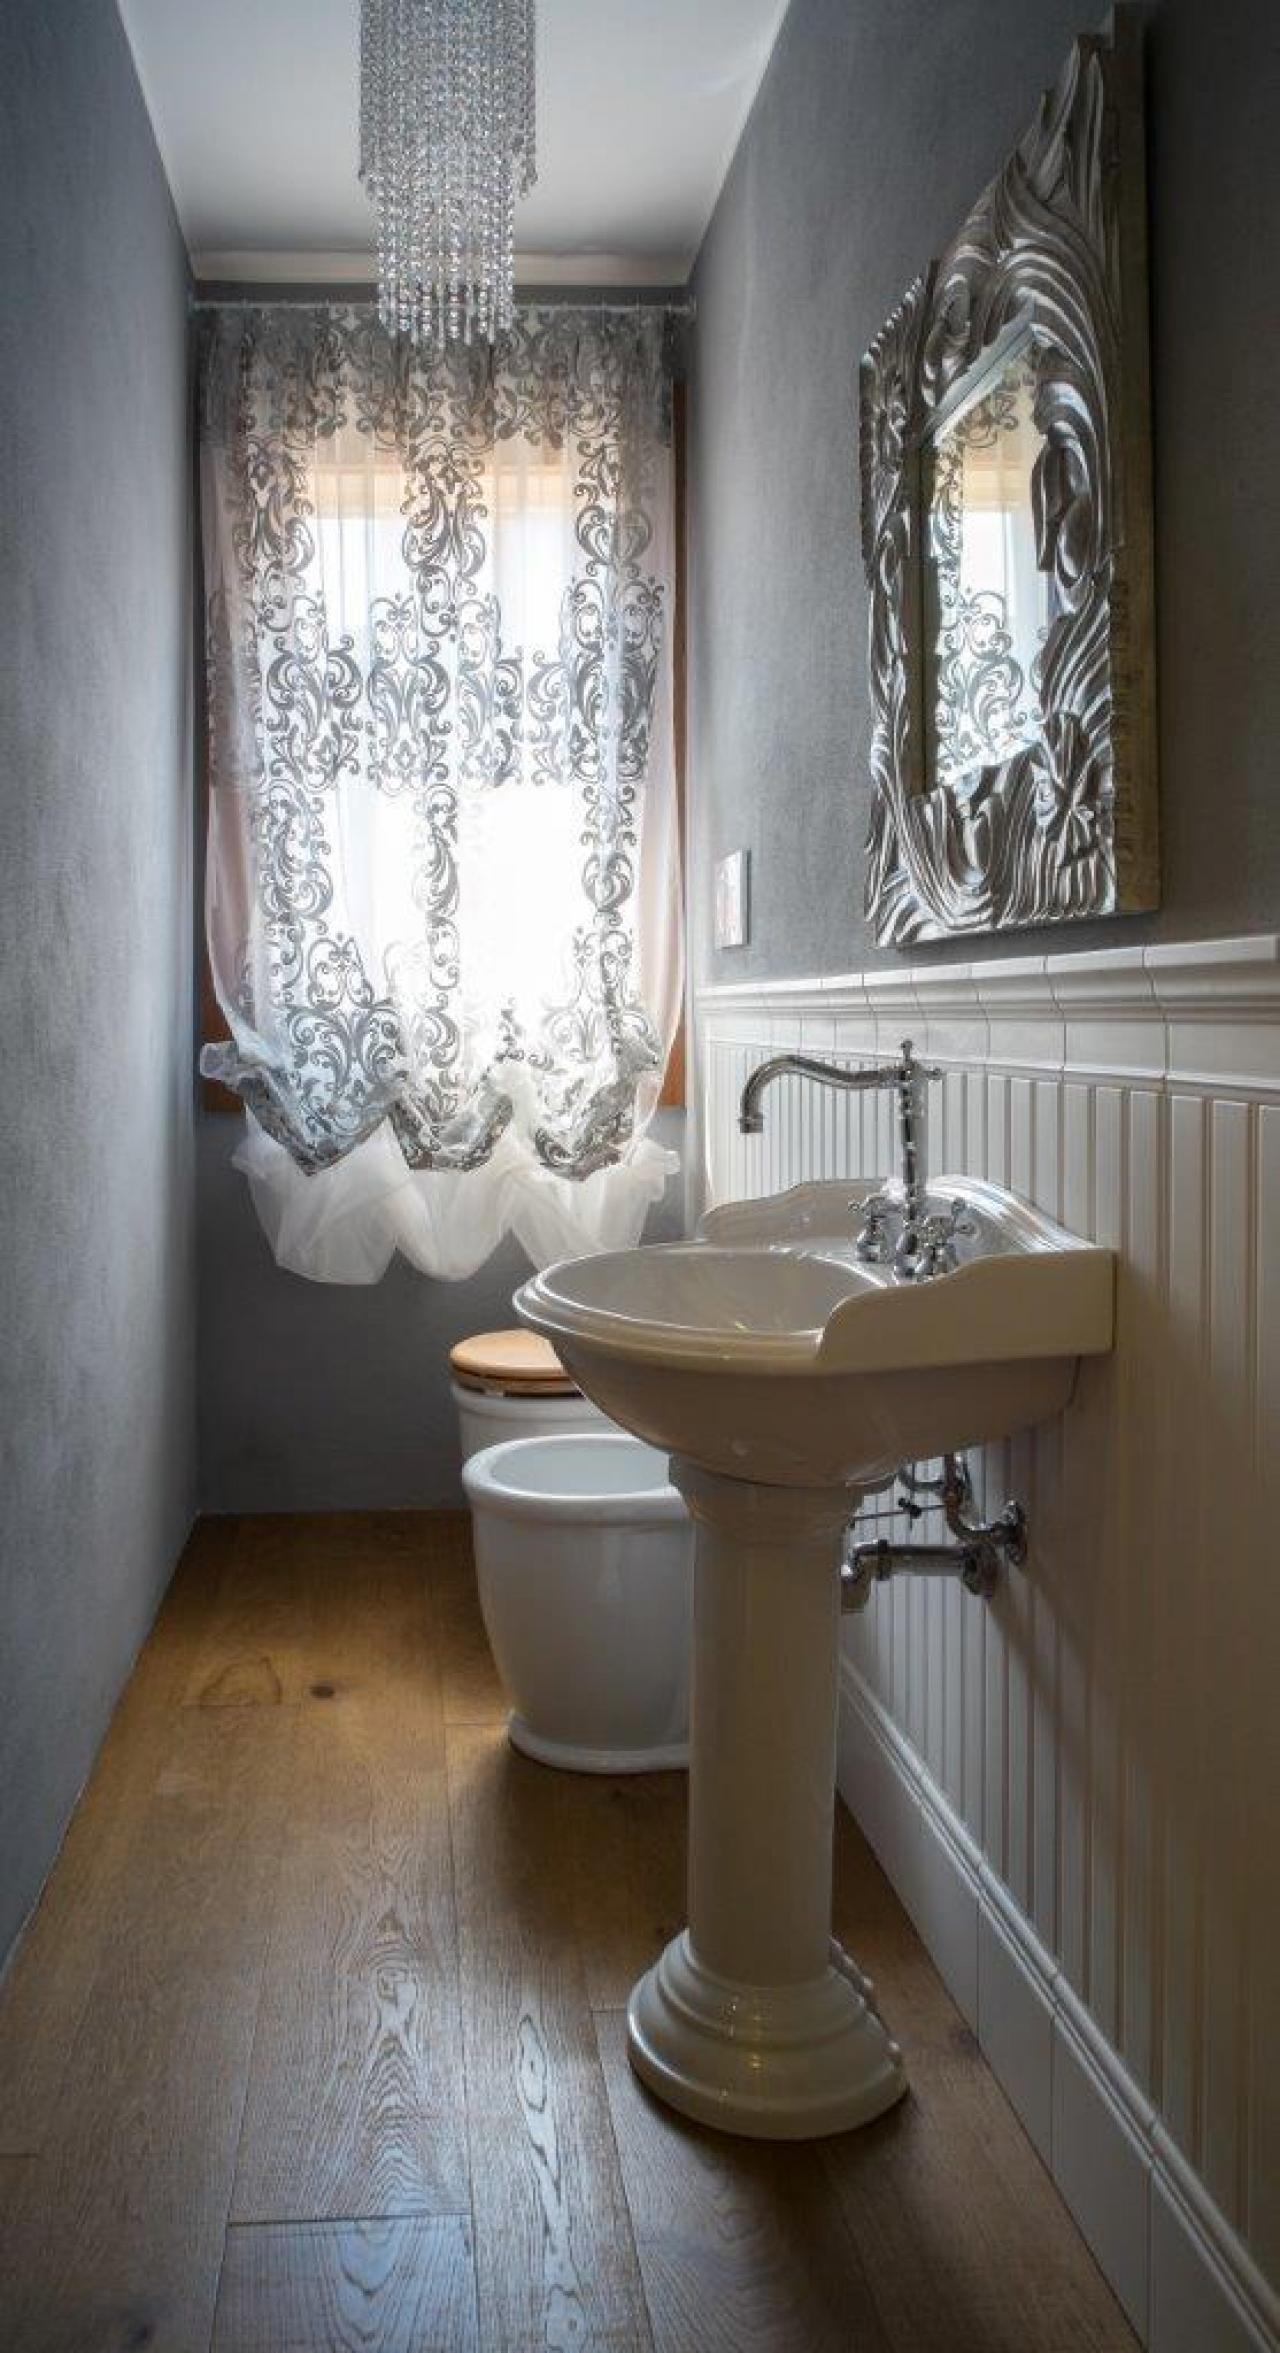 Stili bagno: guida fotografica per scegliere arredi e rivestimenti  Fratelli Pellizzari